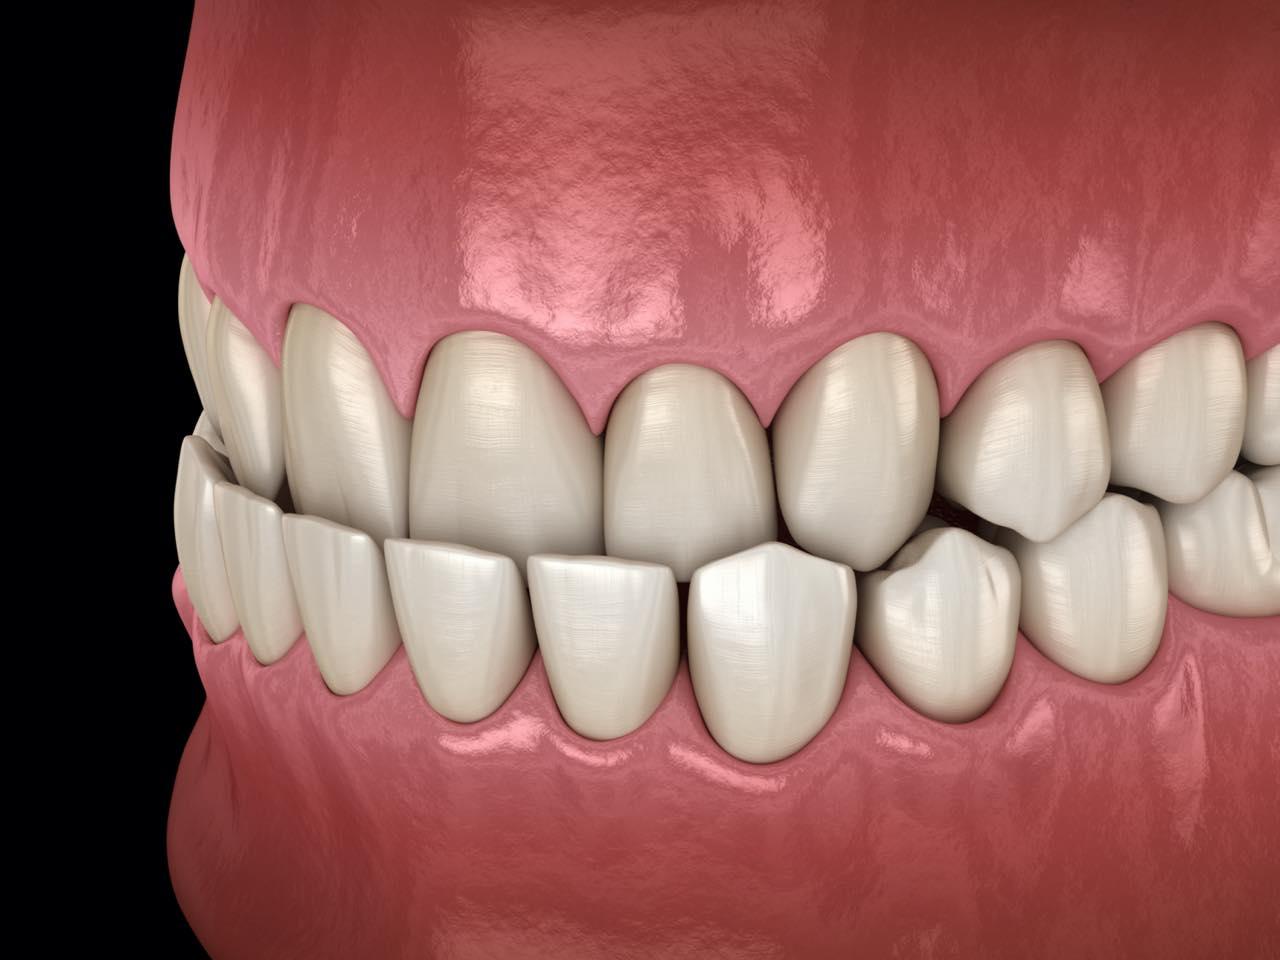 歯列がクロスする交叉咬合(クロスバイト)とは?その原因・症状・矯正治療